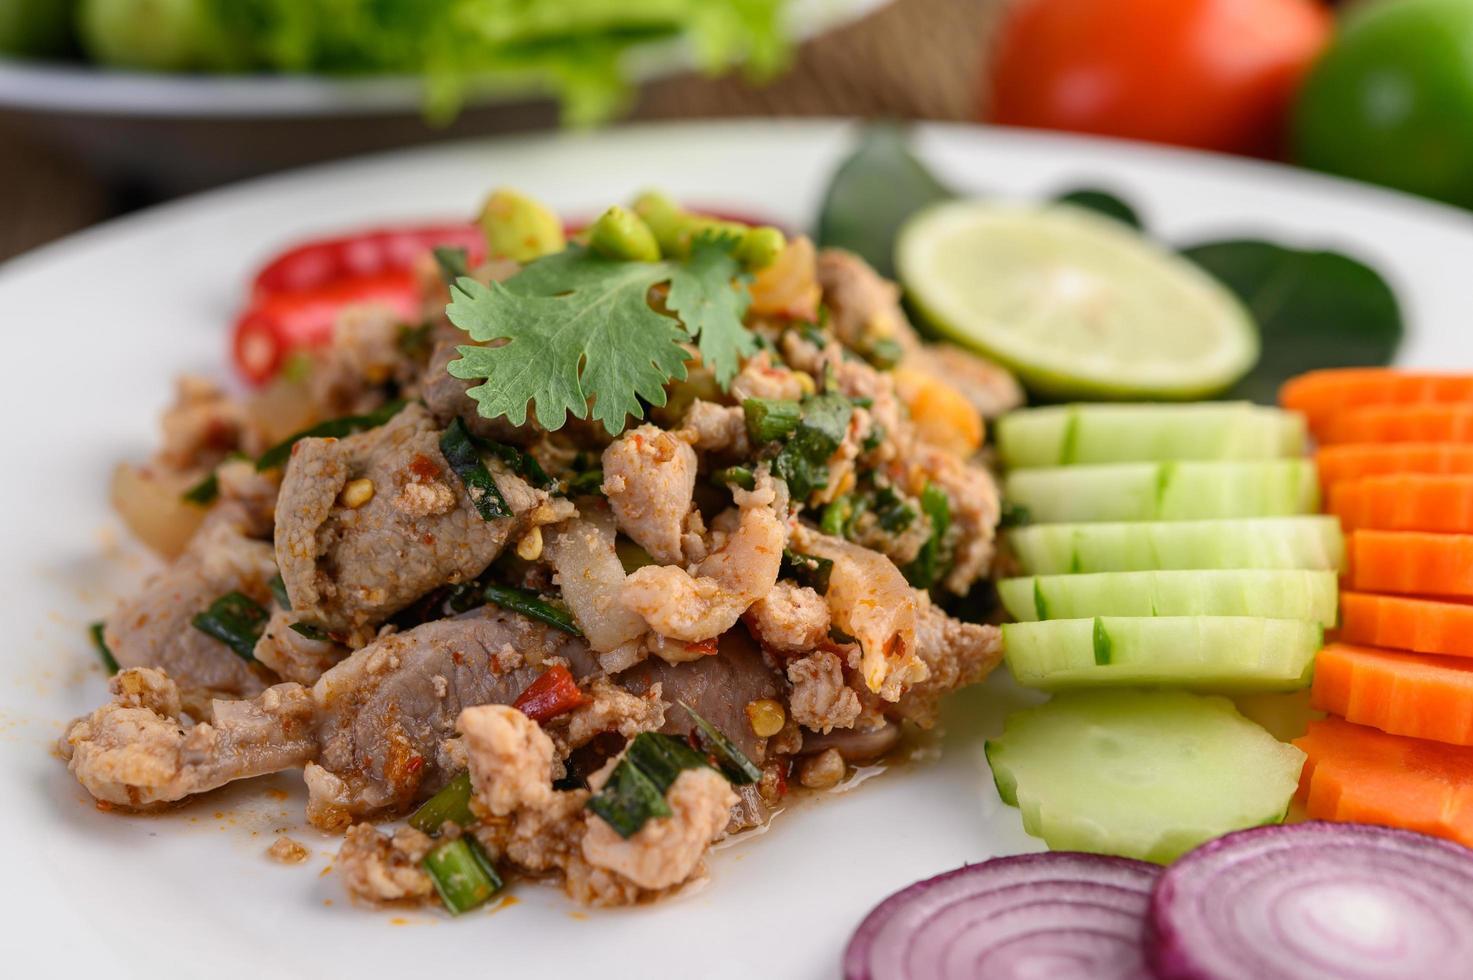 insalata di maiale macinata con spezie su un tavolo di legno foto